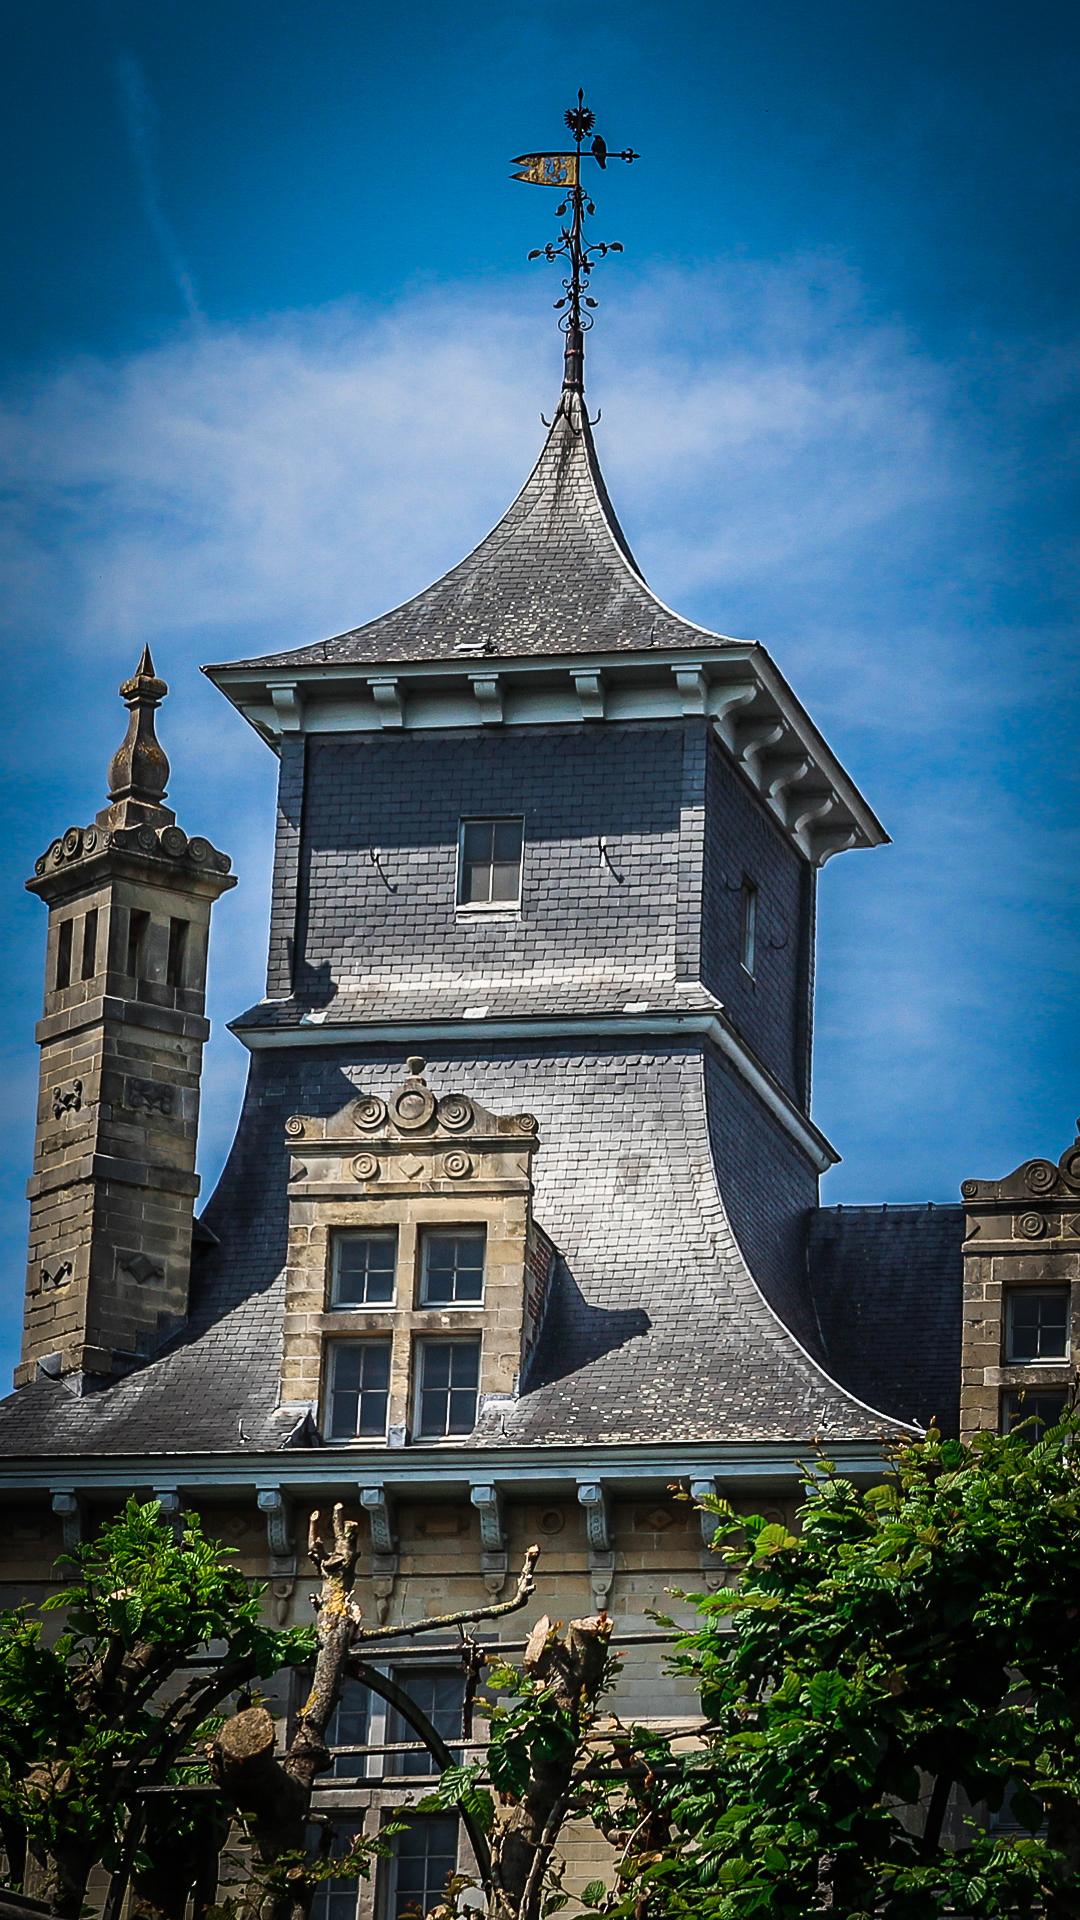 GiaZoo_Met_kinderen_onderweg_Maastricht_Zuidlimburg_limburglonkt-3.JPG